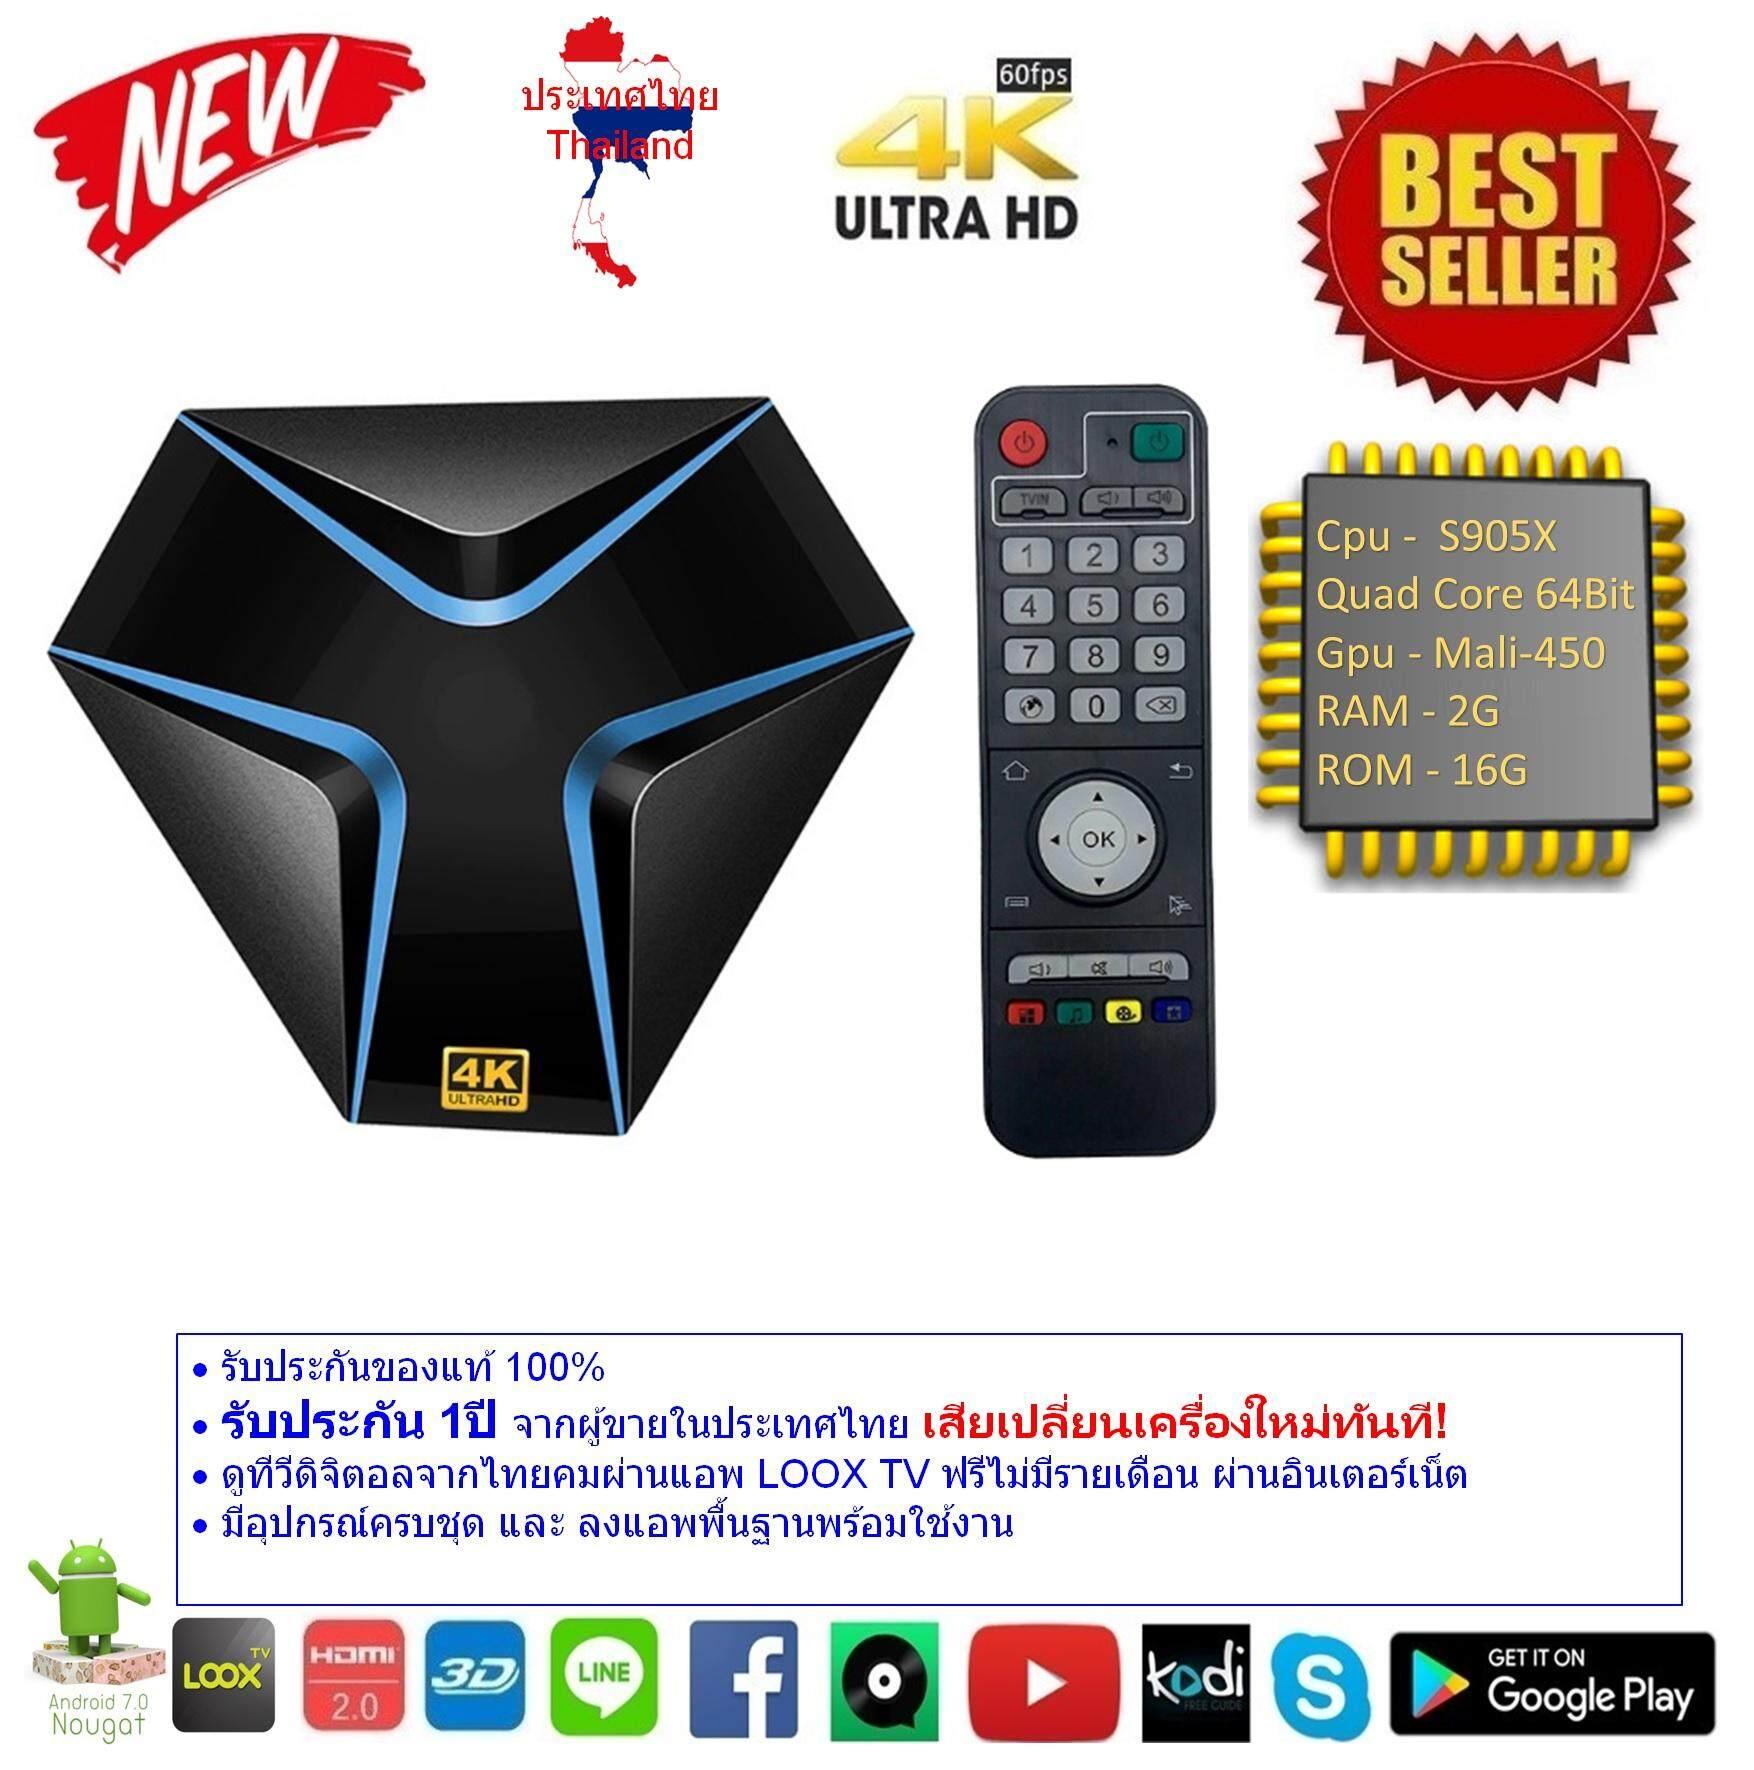 สินเชื่อบุคคลซิตี้  บุรีรัมย์ Android Smart TV Box Magicsee Iron Cpu S905X RAM 2G ROM 16G UHD 4K Android Nougat 7.1.2